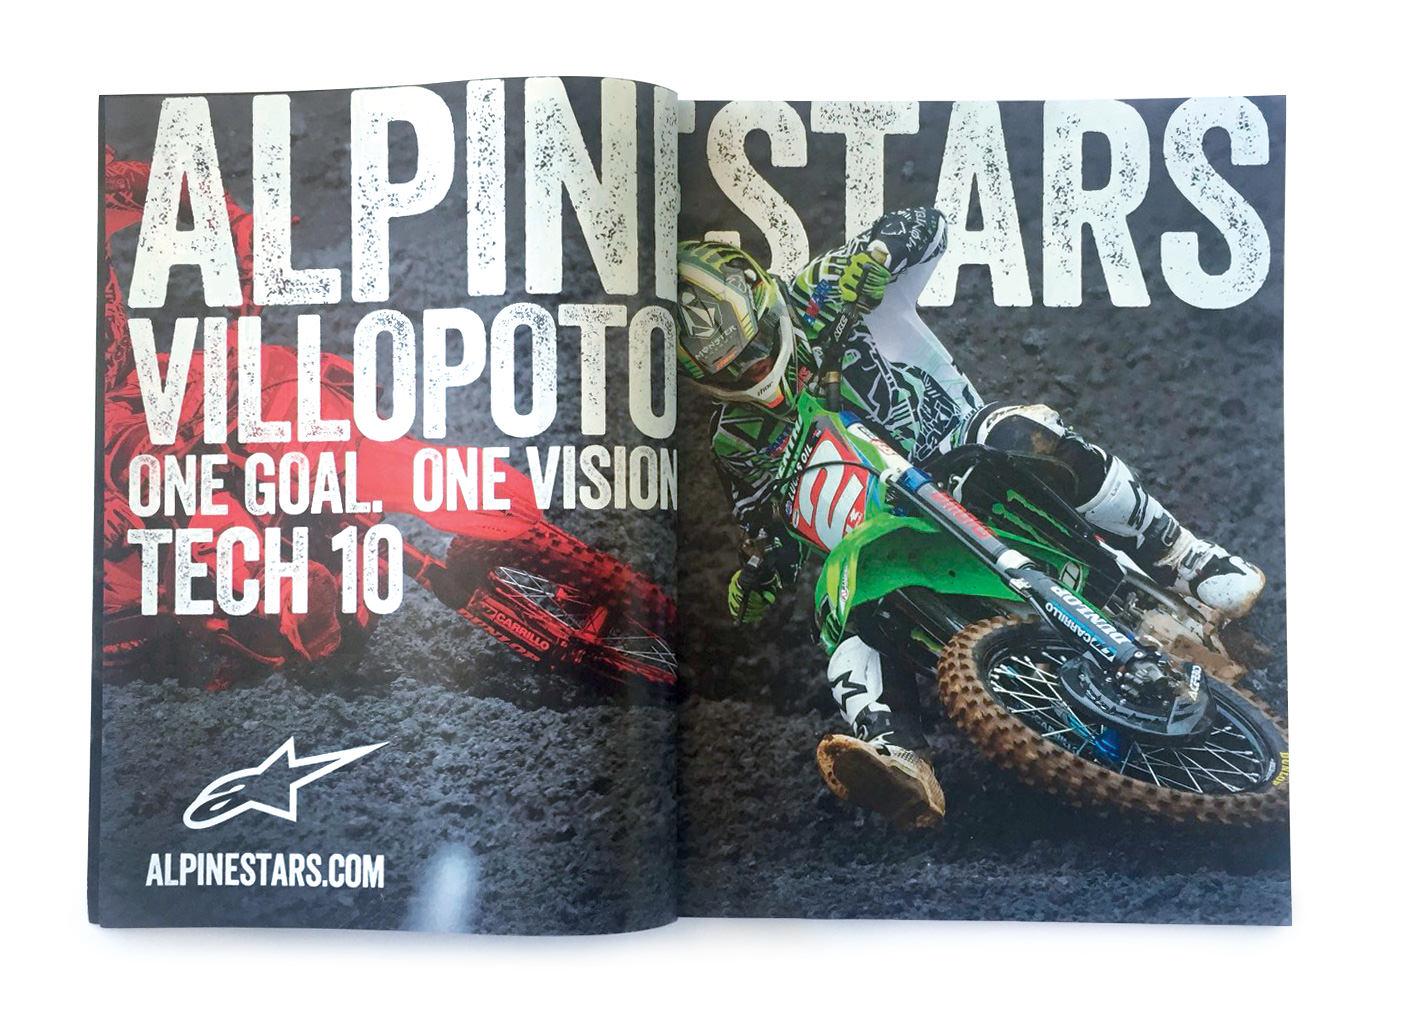 Alpinestars Villopoto Ad RacerX